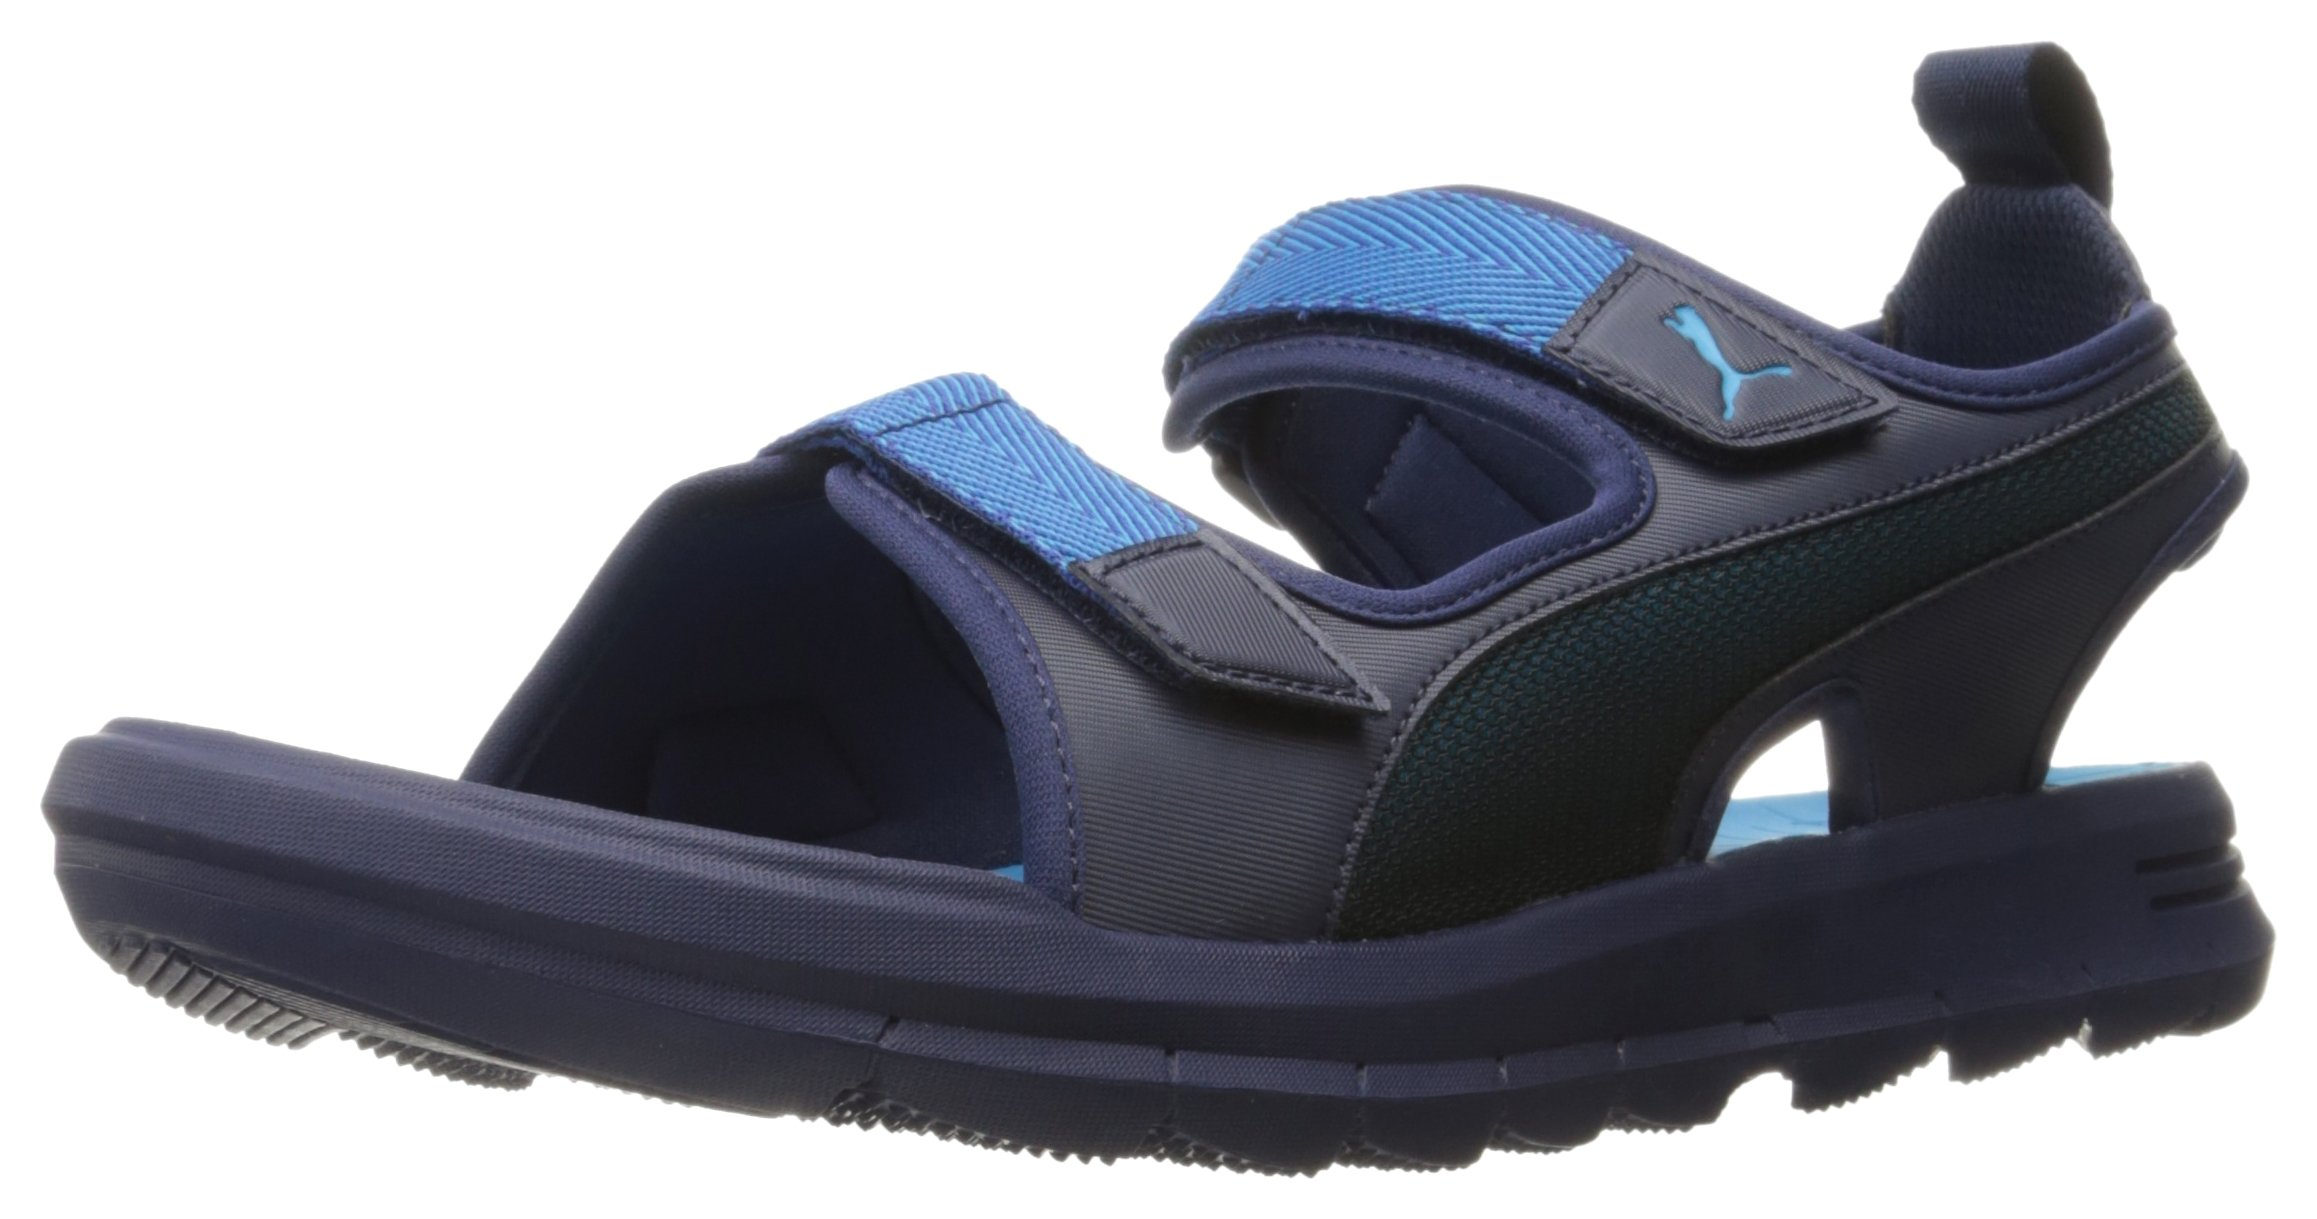 PUMA Men's Wild Plus Athletic Sandal, Peacoat-Blue Danube, 9 M US